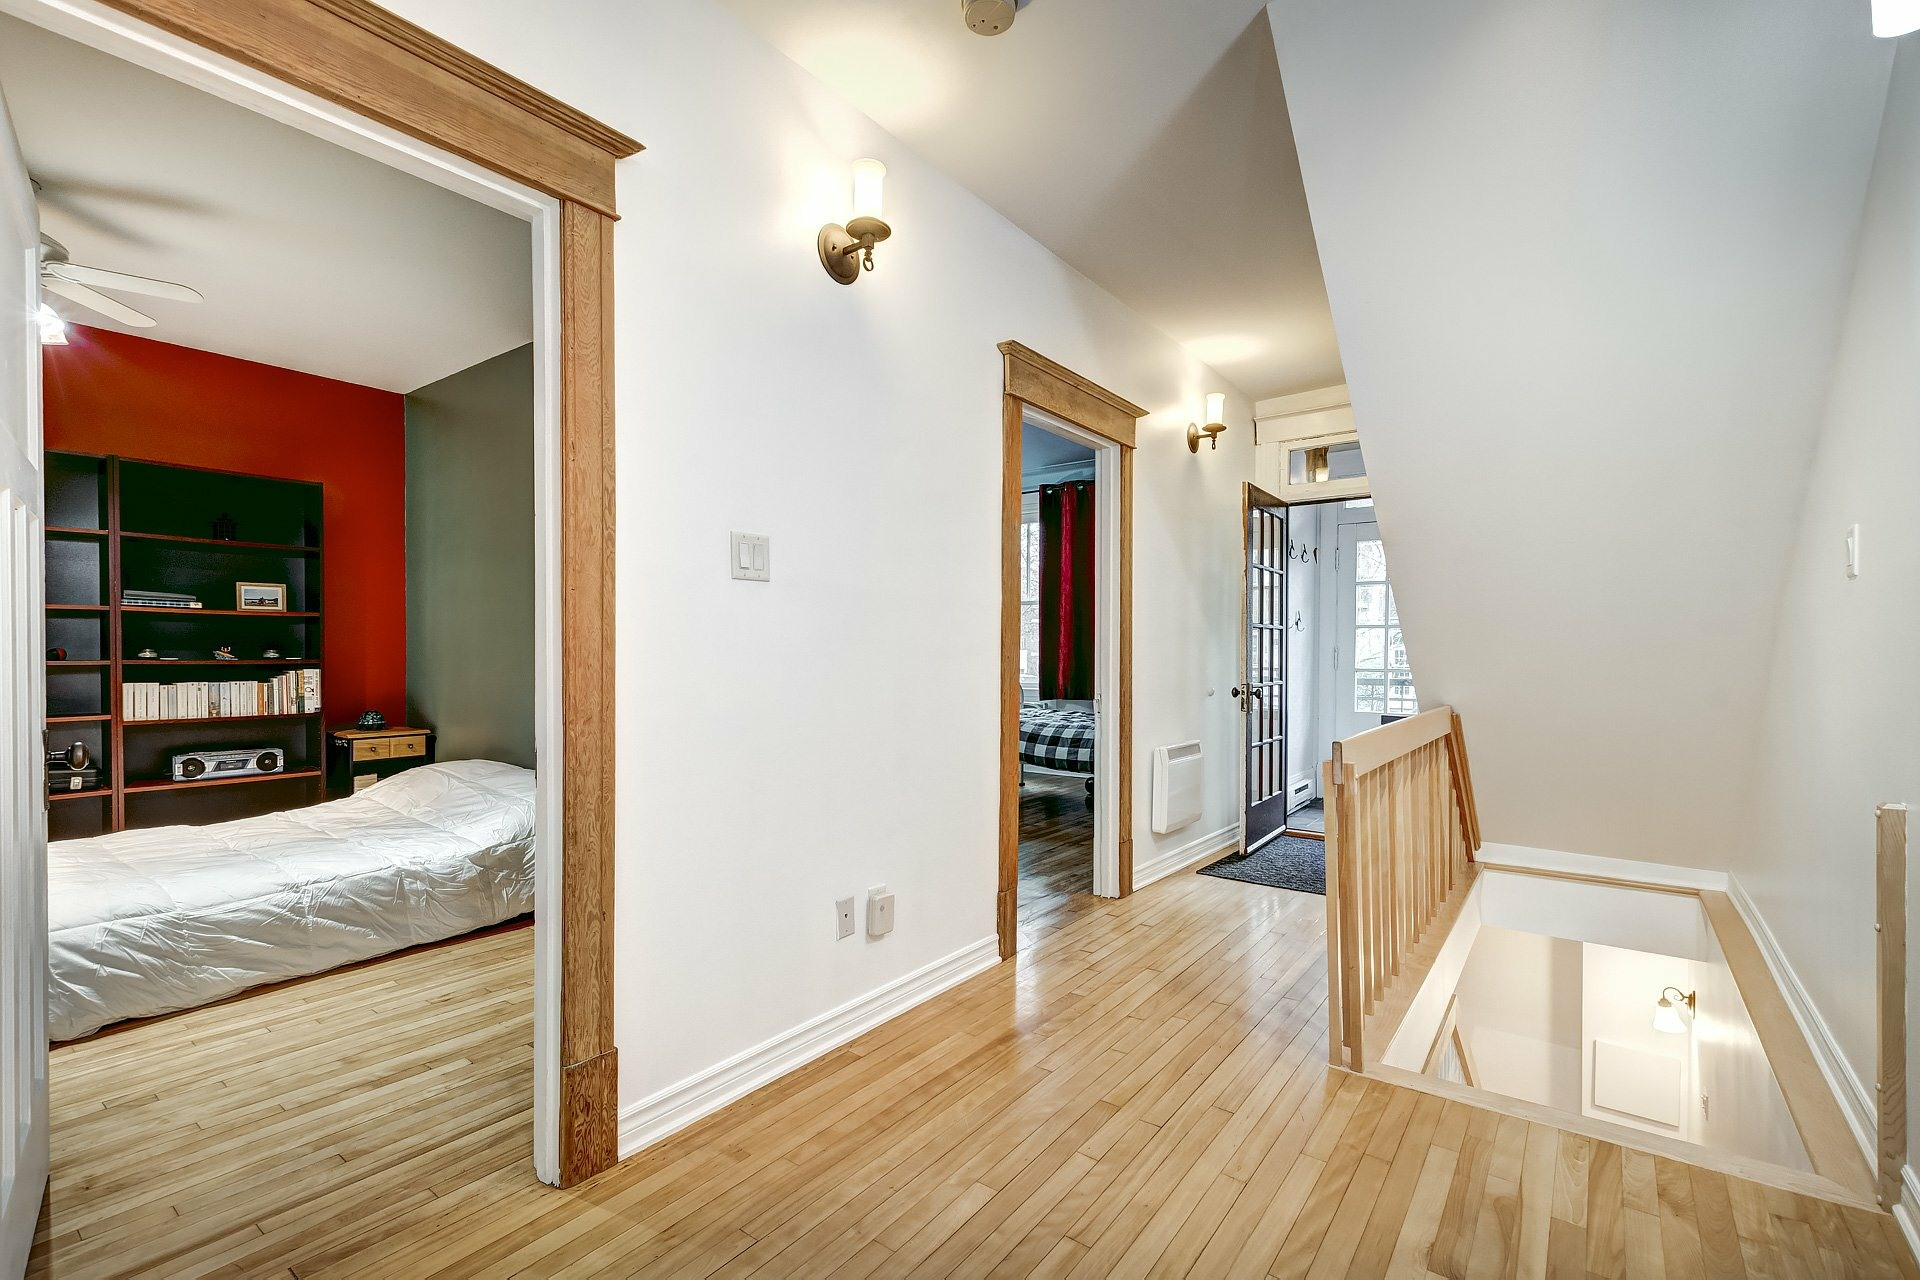 image 3 - Appartement À vendre Outremont Montréal  - 7 pièces